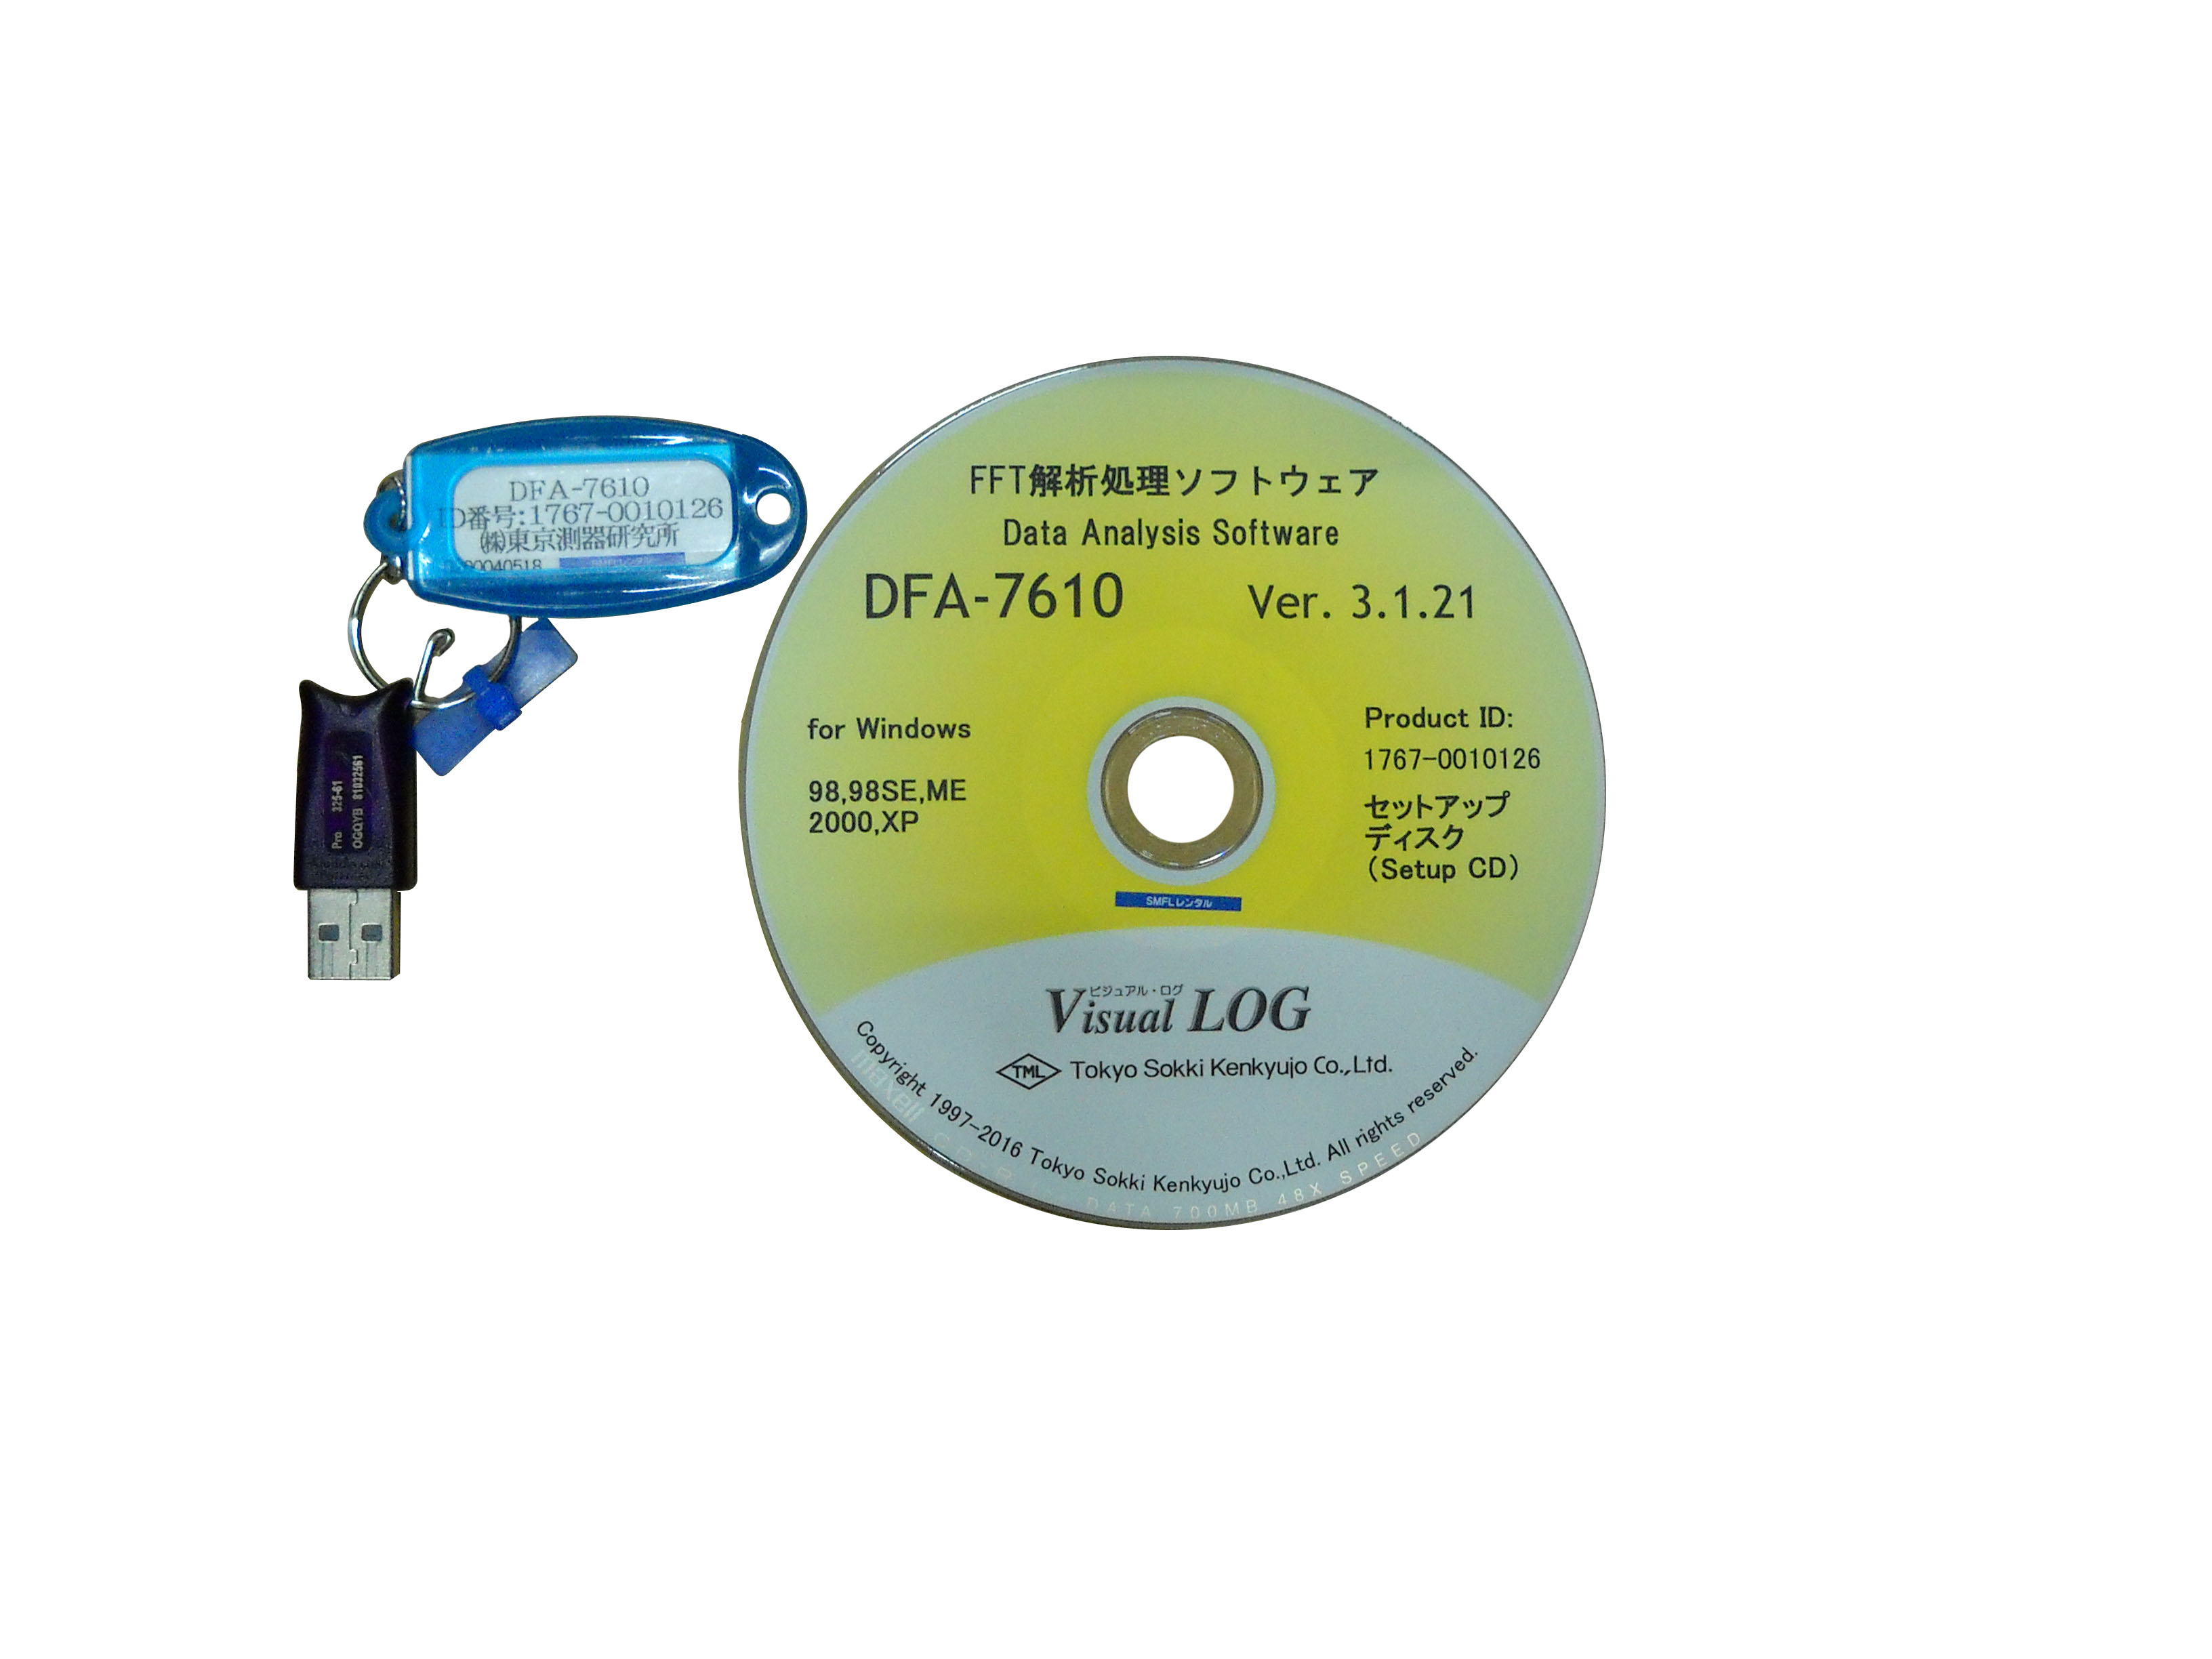 DFA-7610 FFT解析処理ソフトウェア